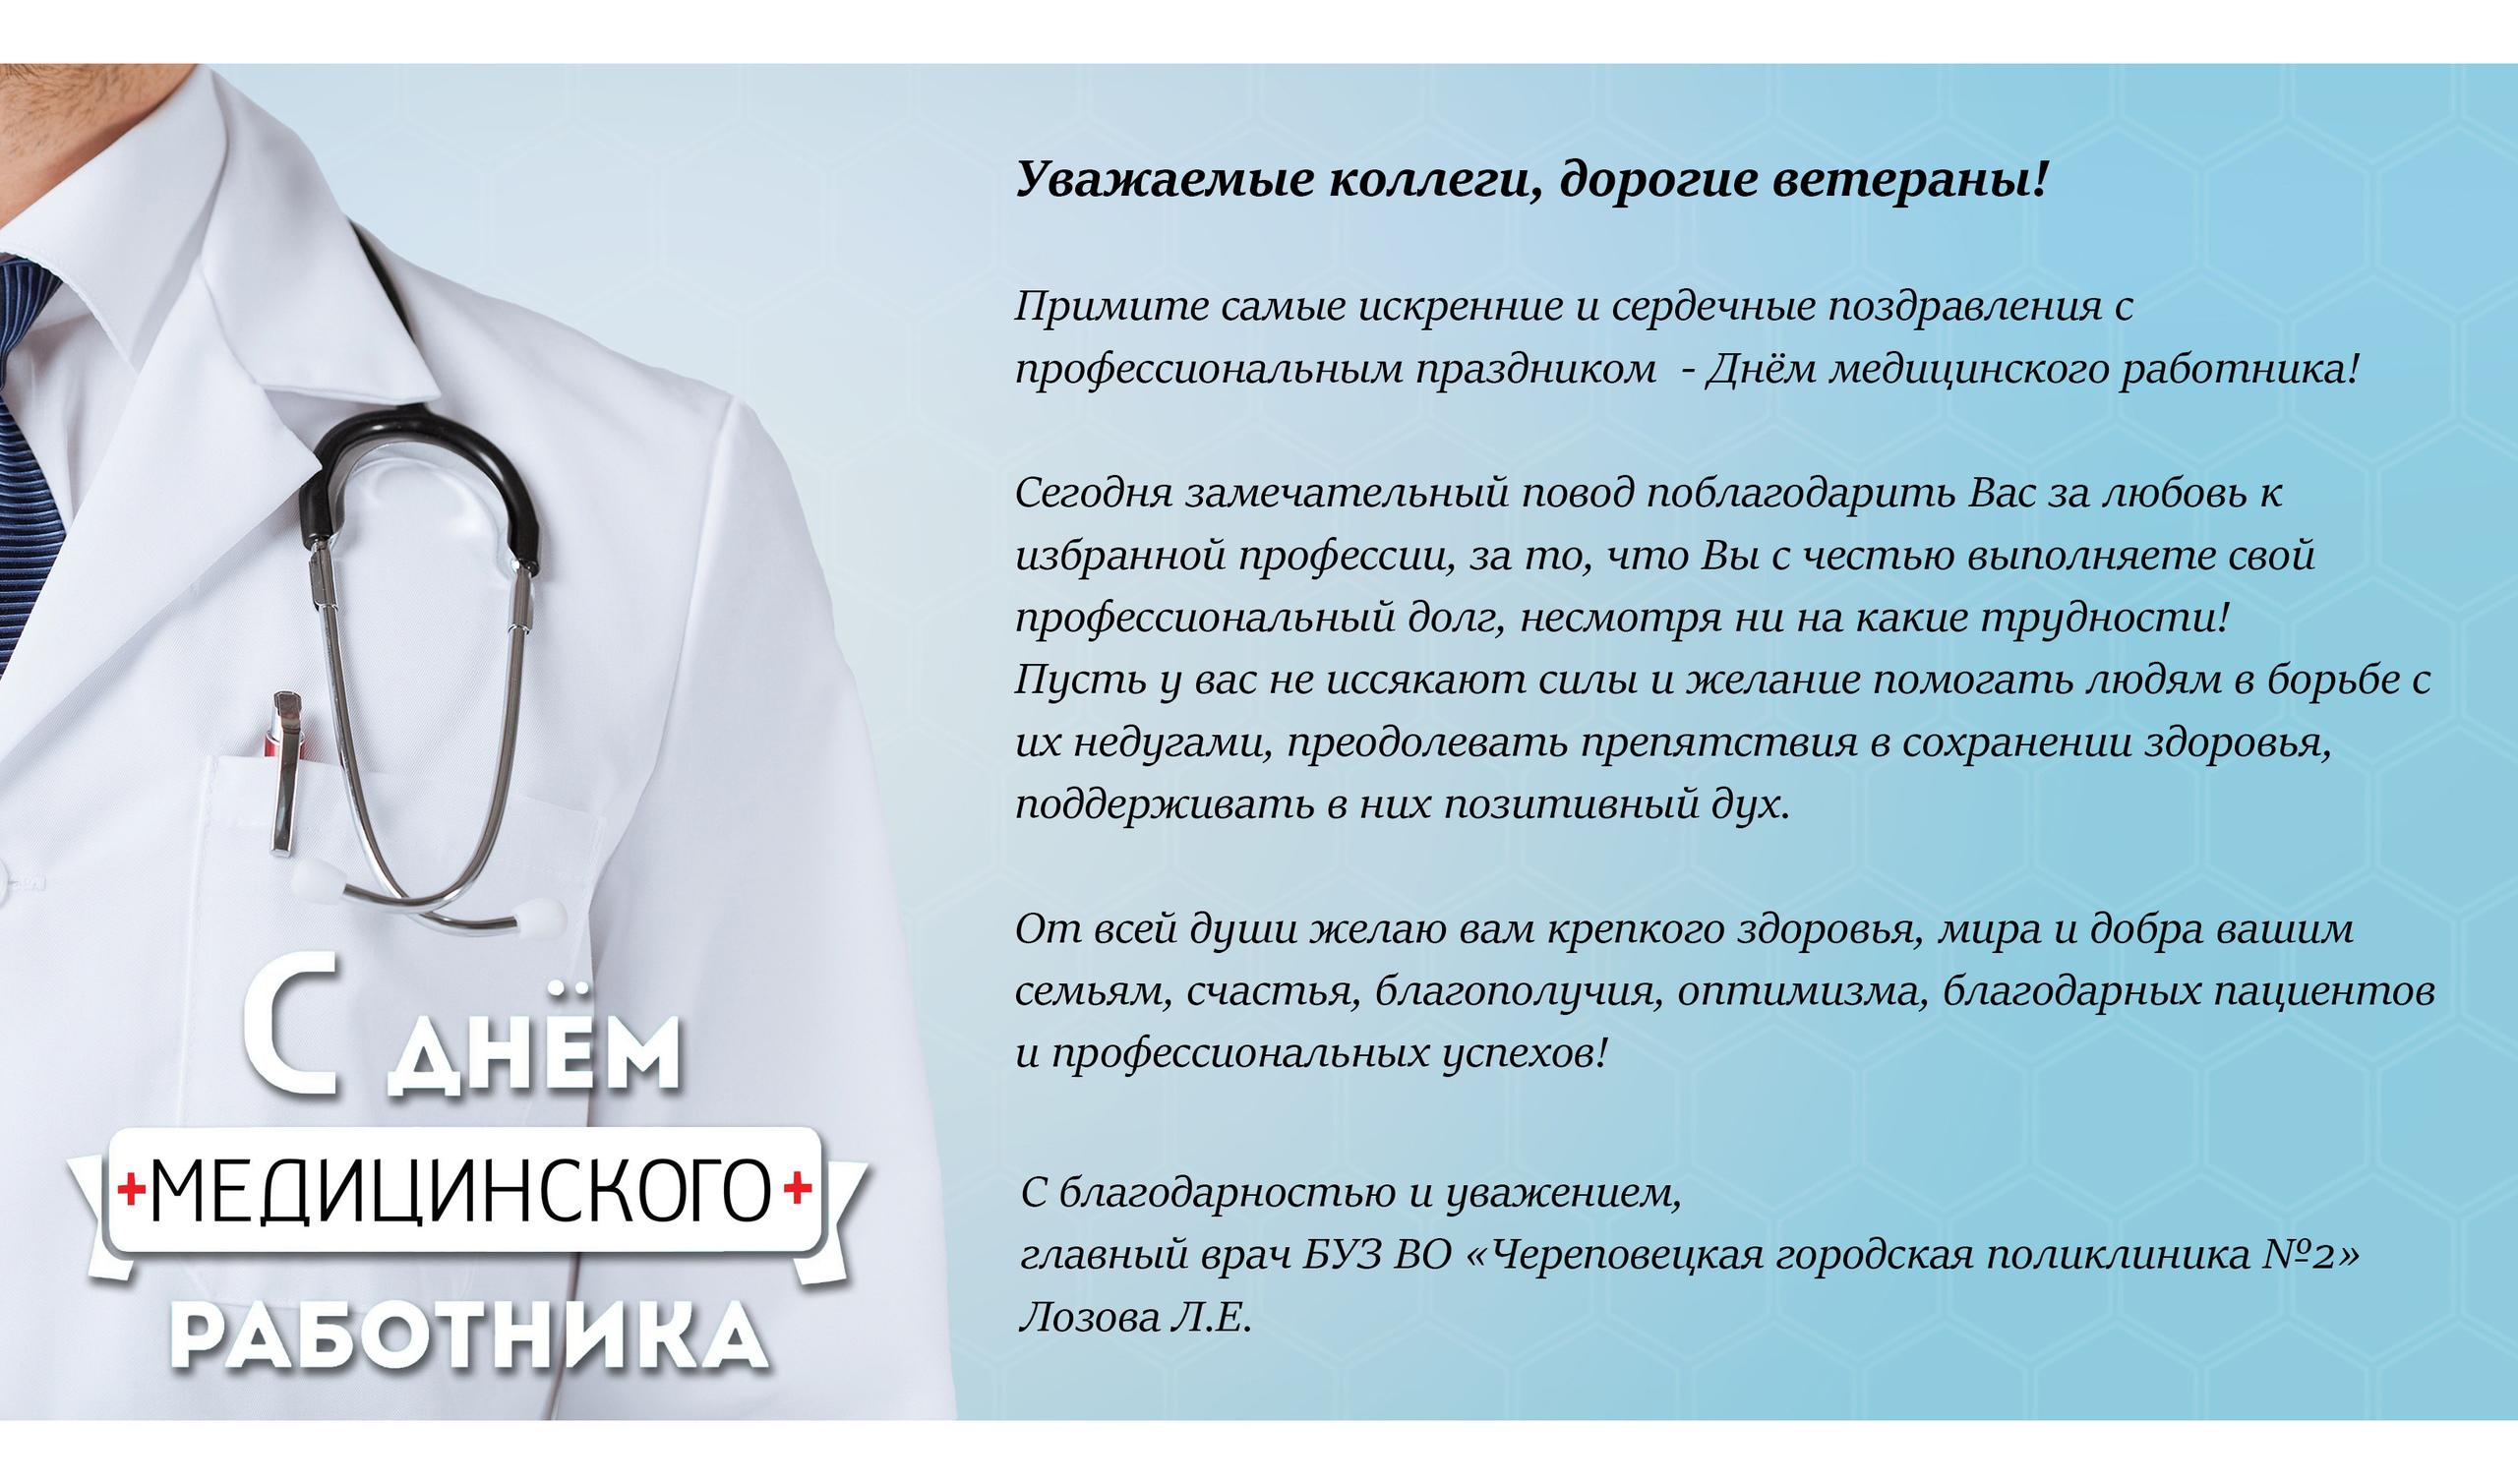 Поздравление главному врачу на день медицинского работника